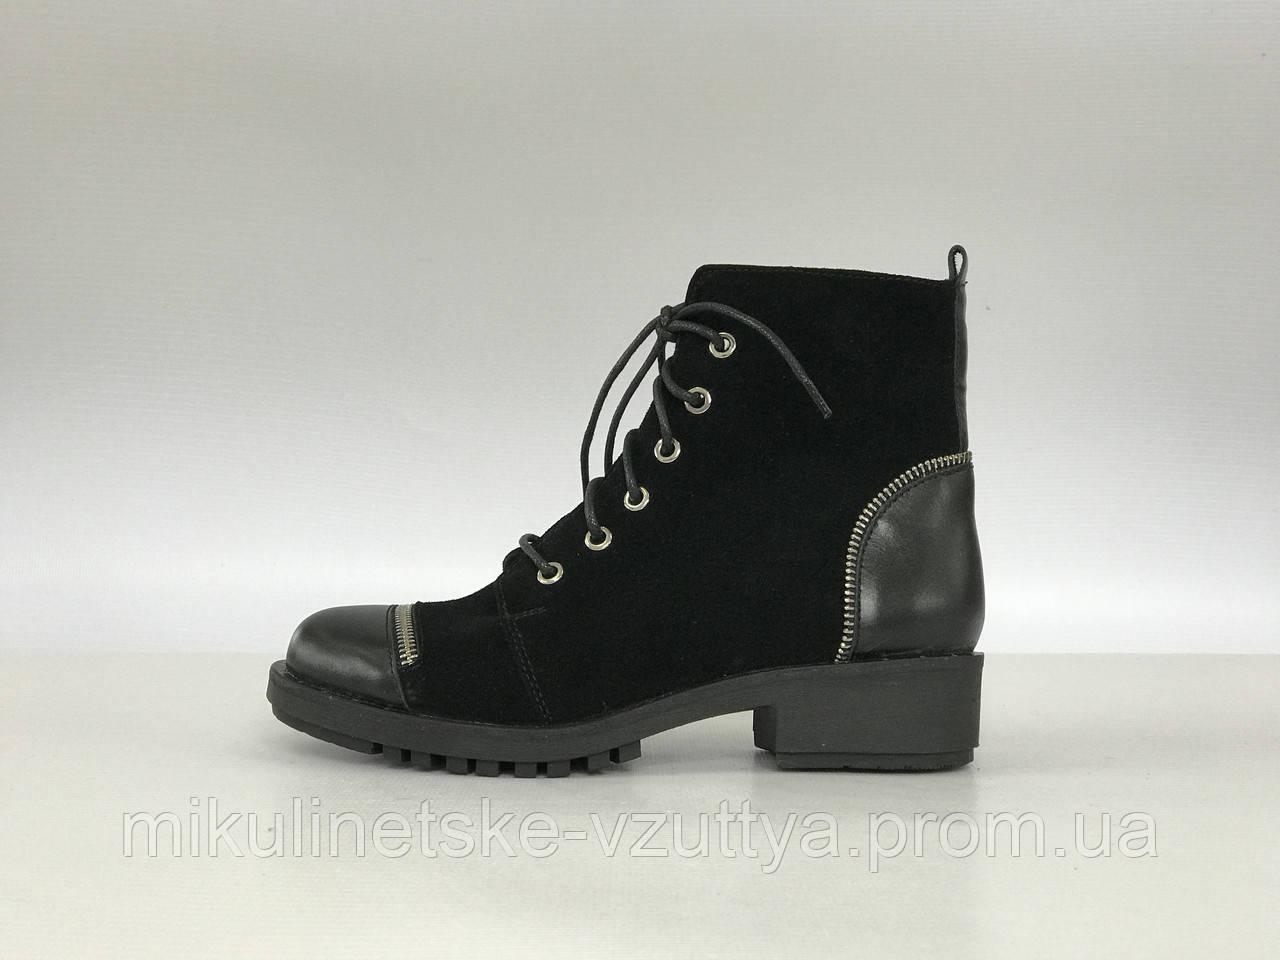 413fa1b48e97c6 Демисезонні жіночі шкіряні черевики D&V 2019 замшеві на шнуровці -  Микулинецьке взуття